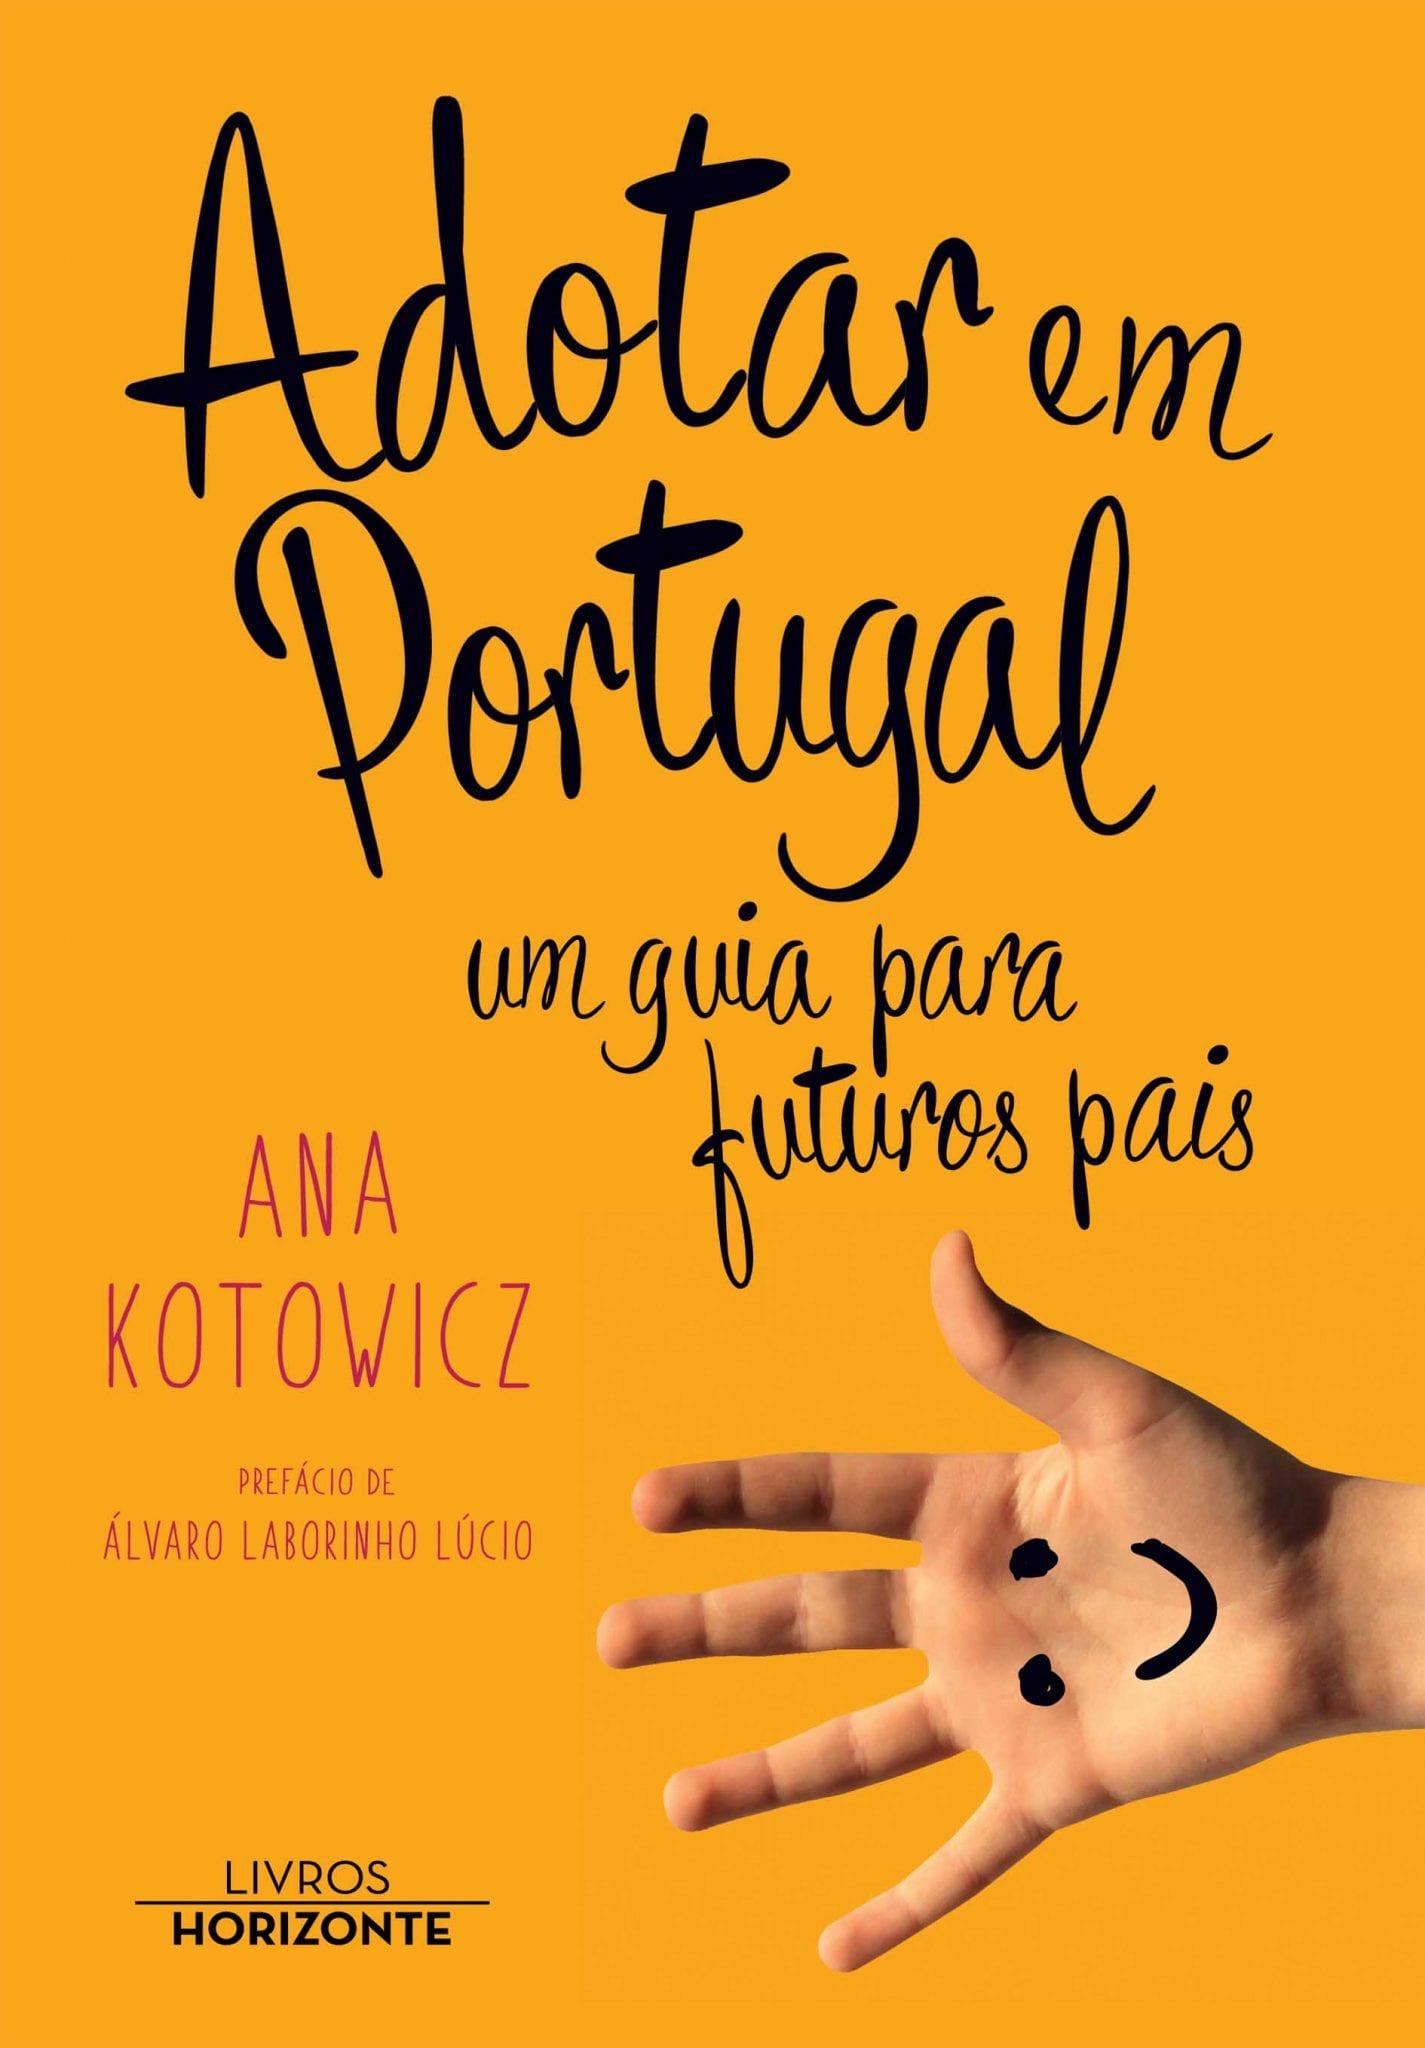 CAPA_Adotar em Portugal BAIXA